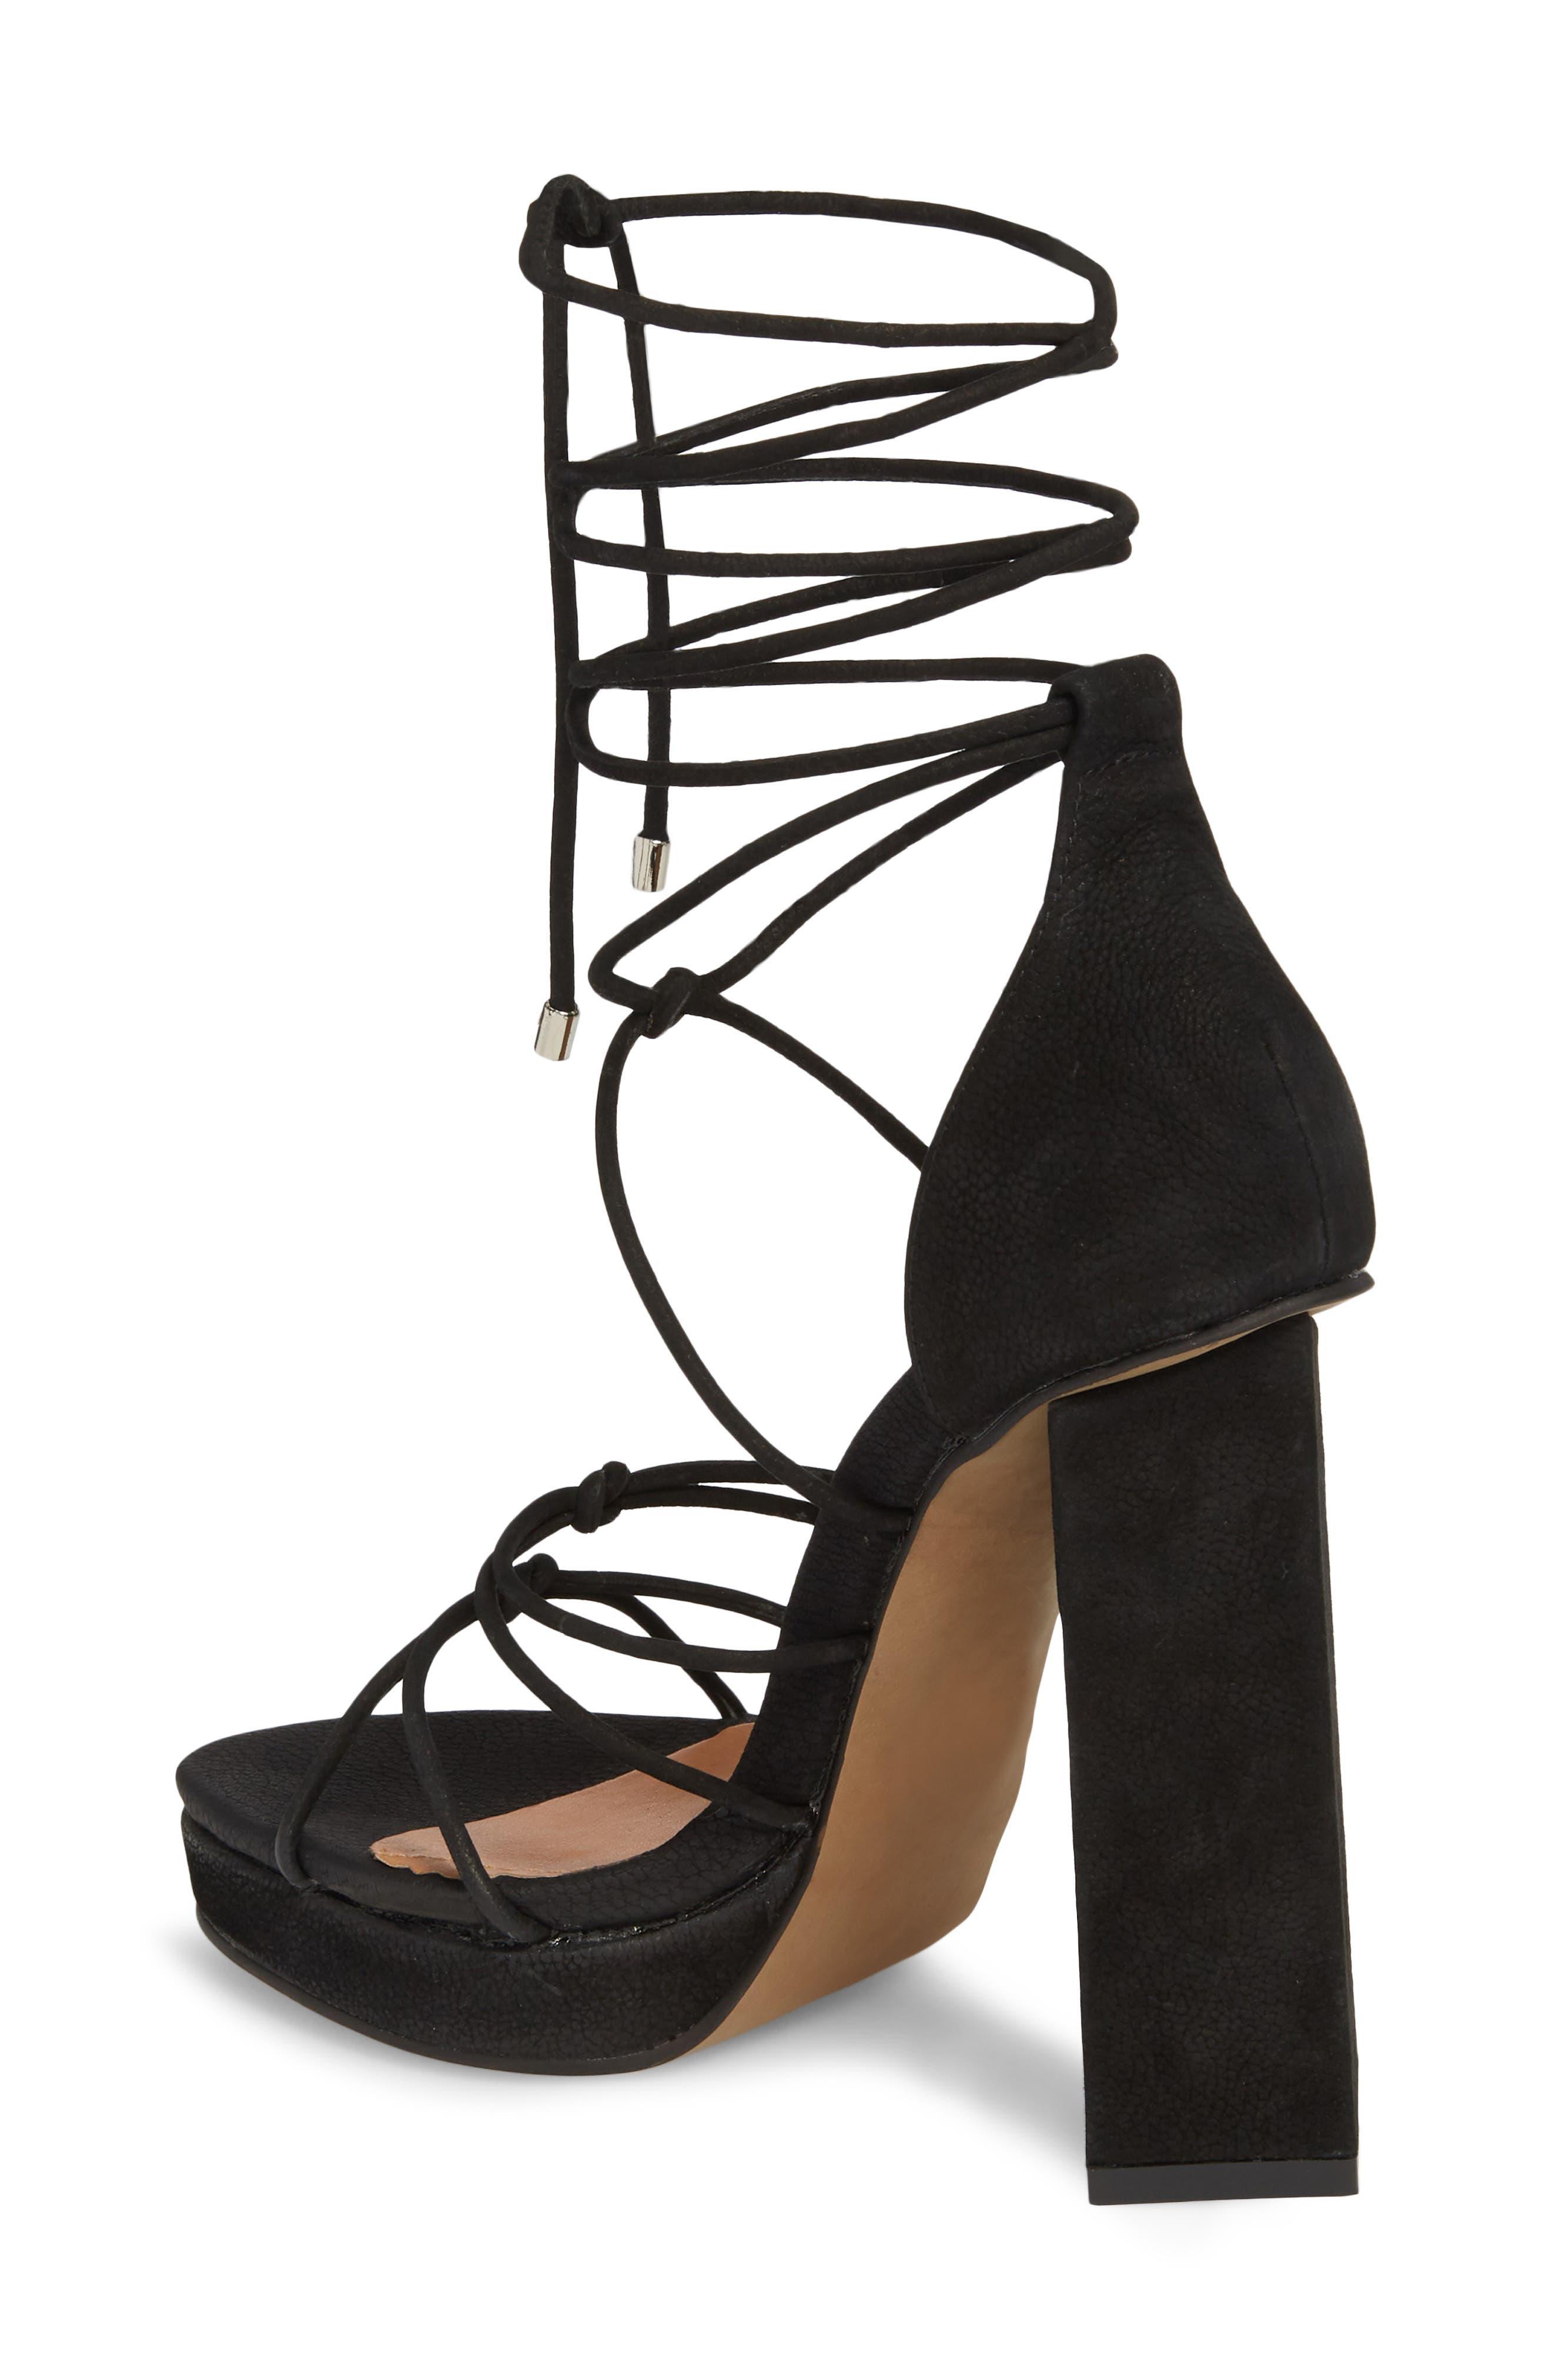 Bordega Ankle Wrap Sandal,                             Alternate thumbnail 2, color,                             BLACK LEATHER